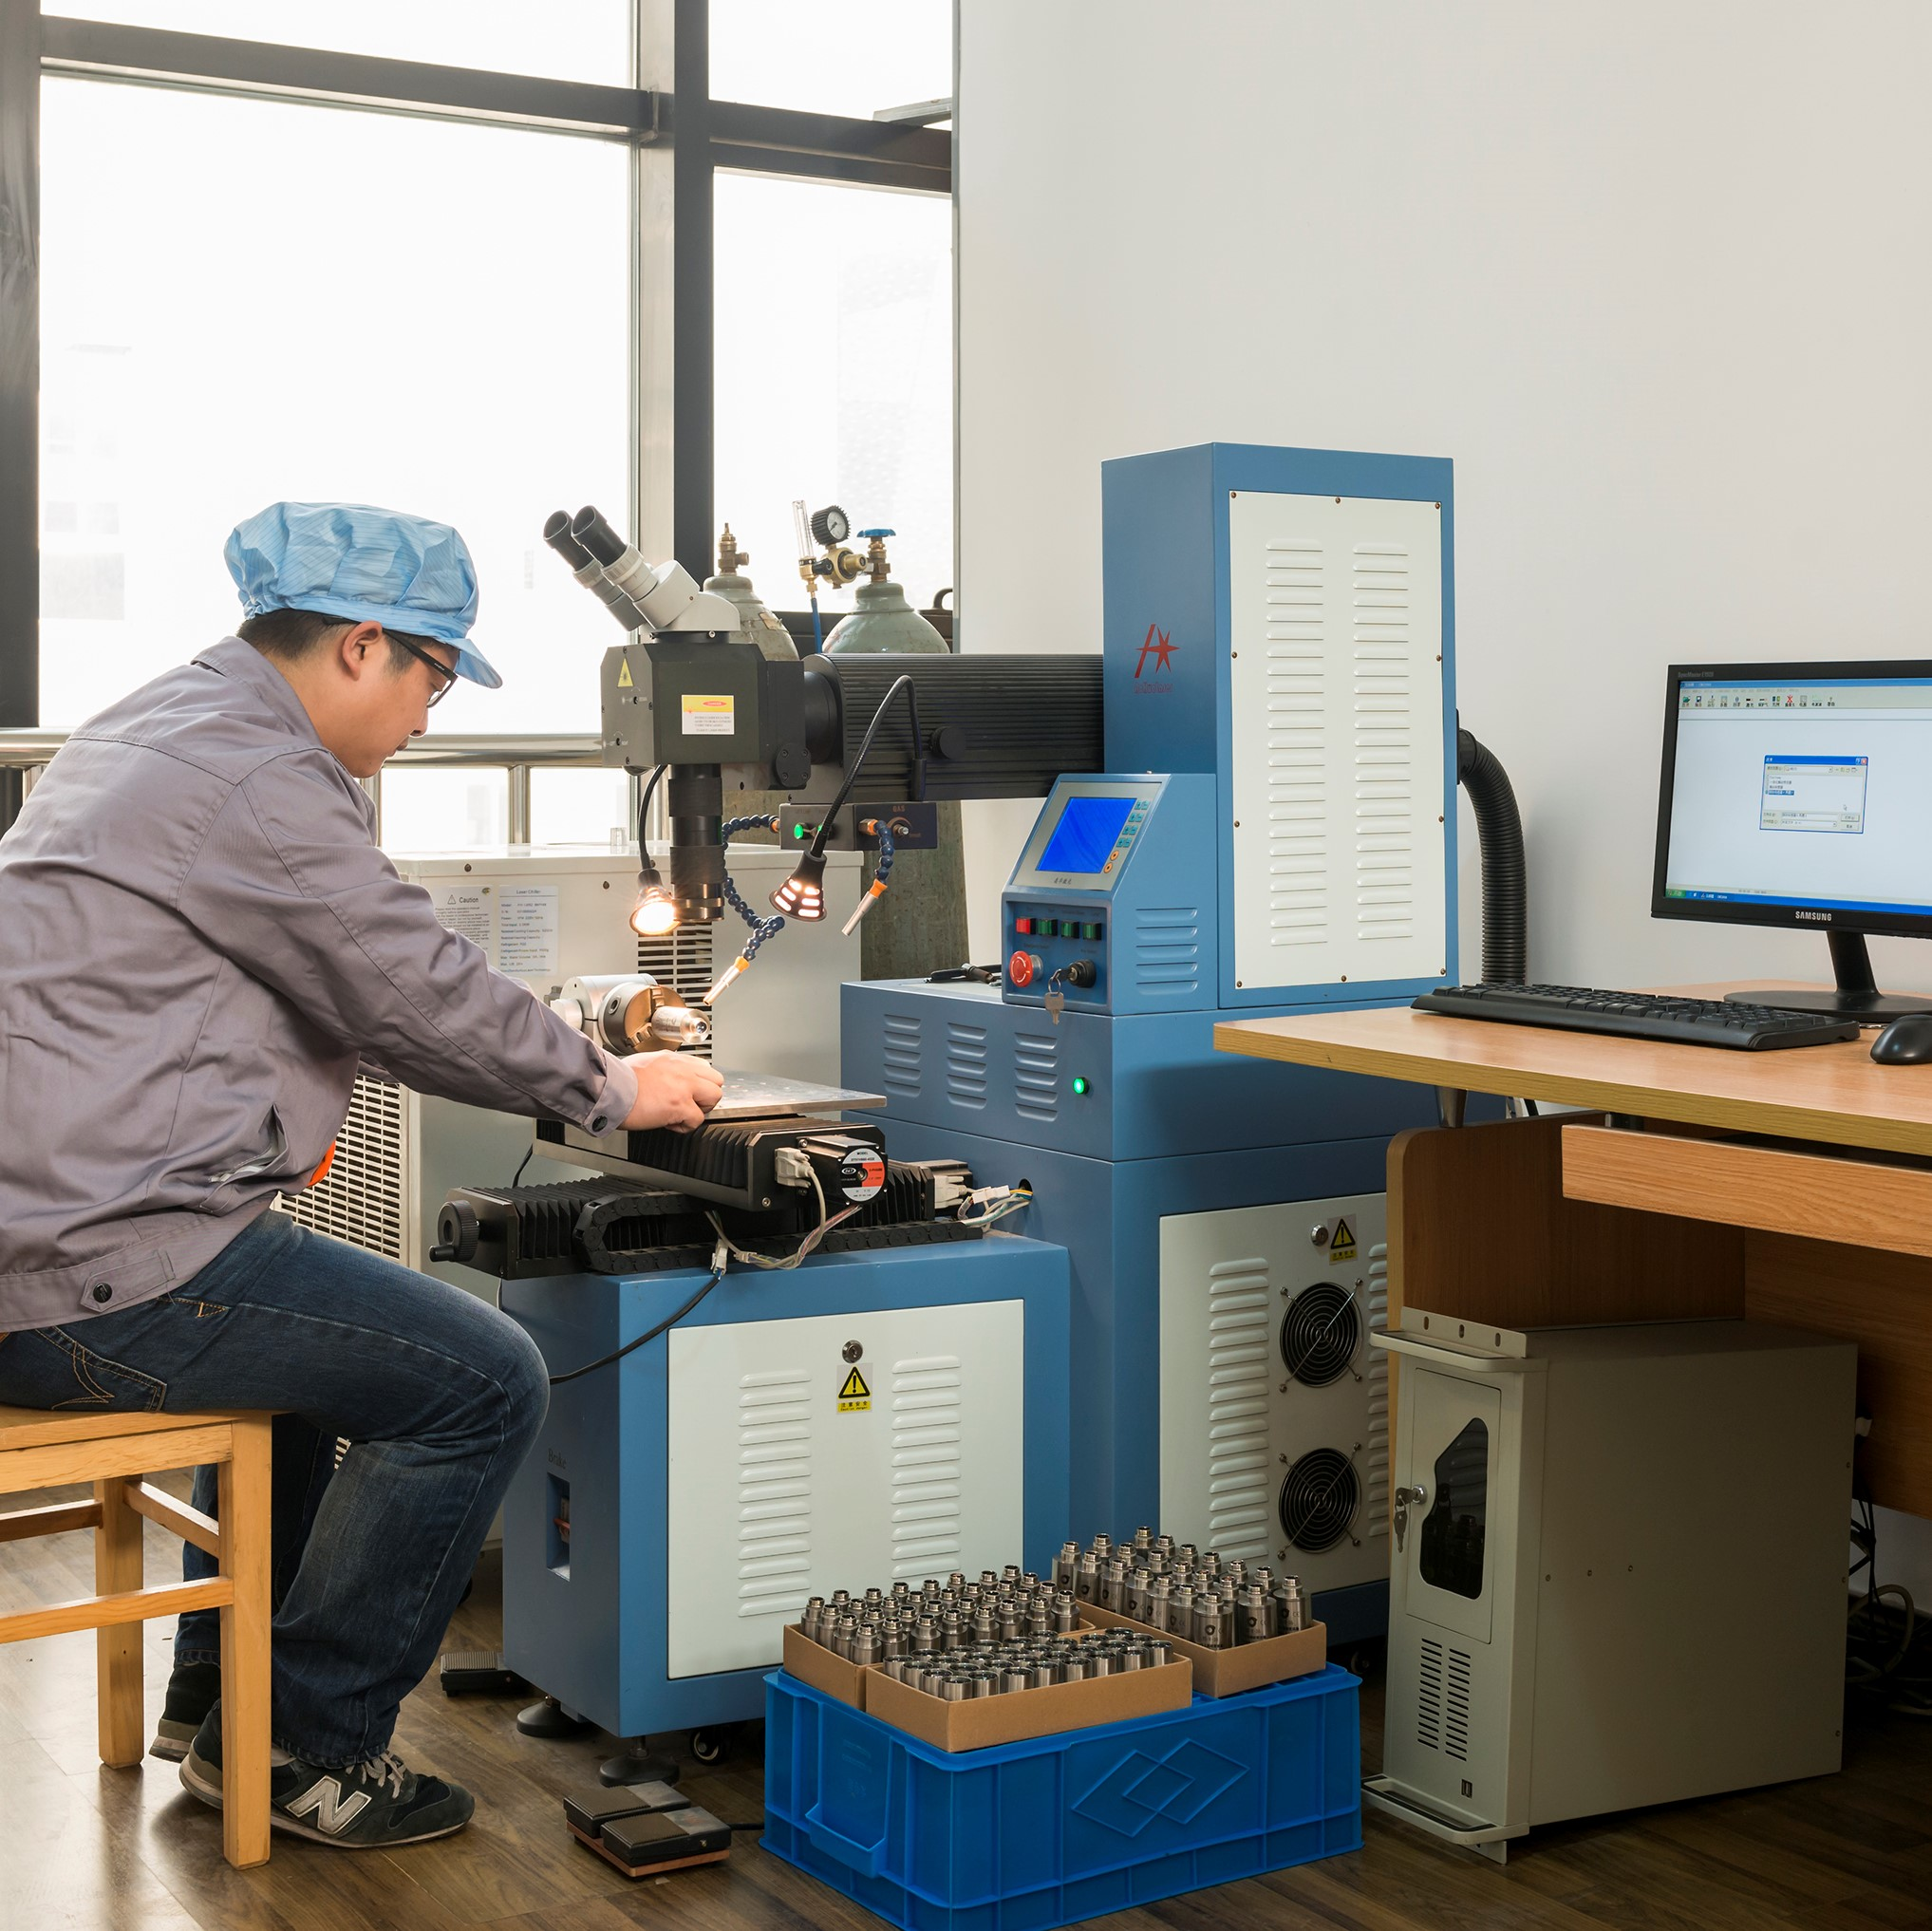 江苏高频电涡流传感器承诺守信 诚信服务 全盛自动化仪表供应